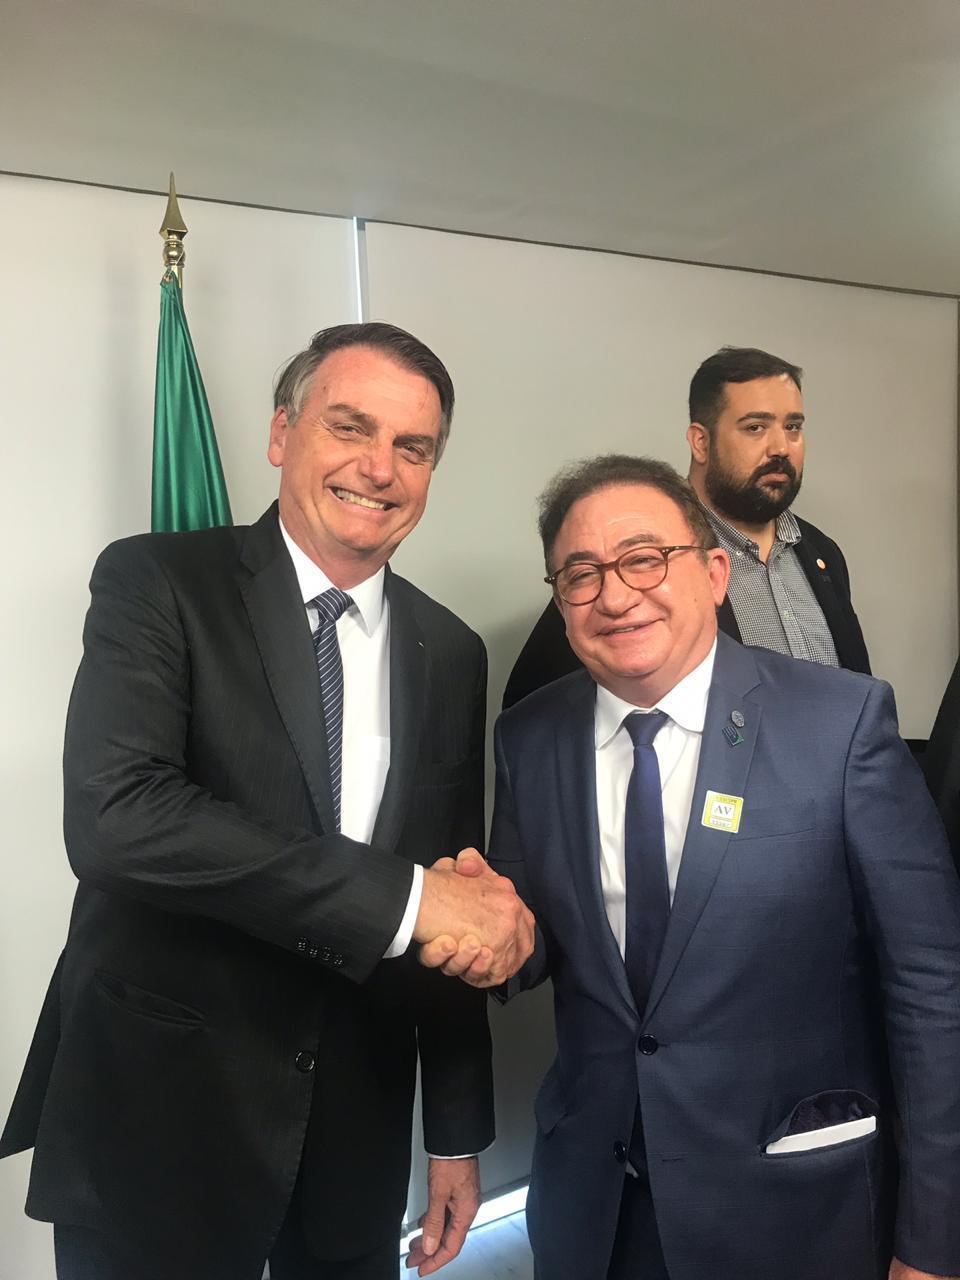 O presidente Jair Bolsonaro com Manoel Linhares, presidente da ABIH Nacional